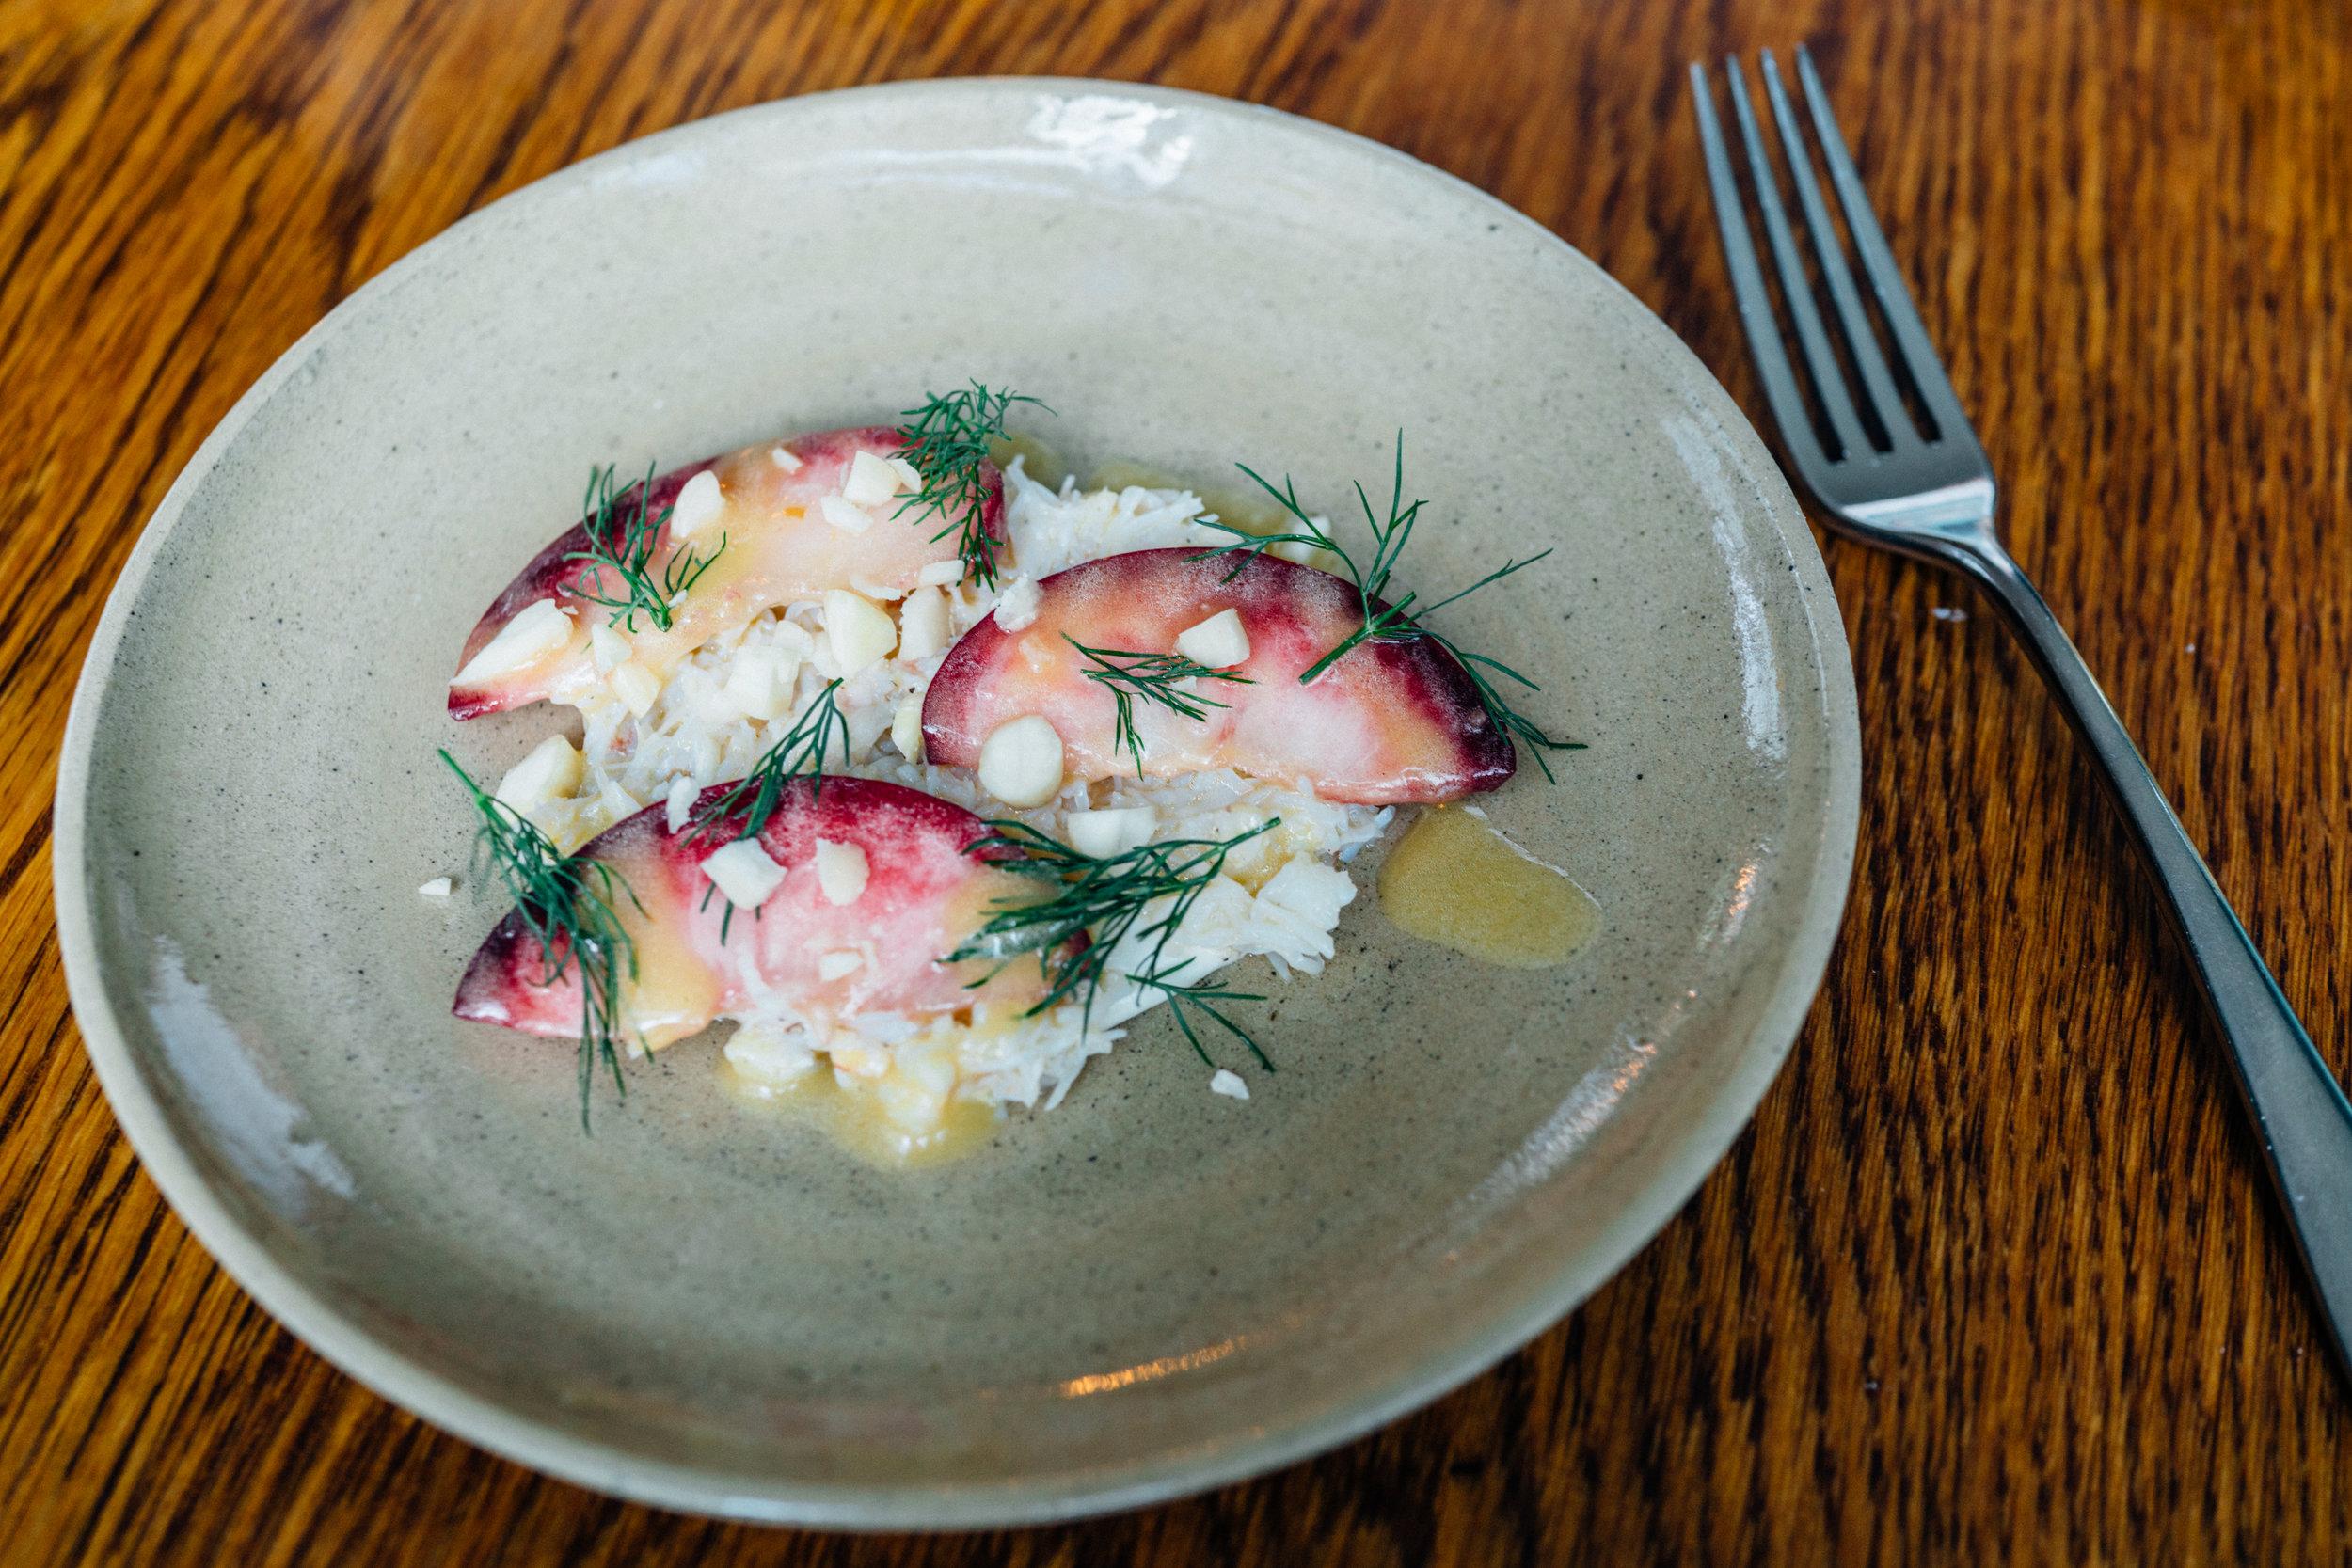 Dorset Crab, Peaches, Almonds at Salon in Brixton